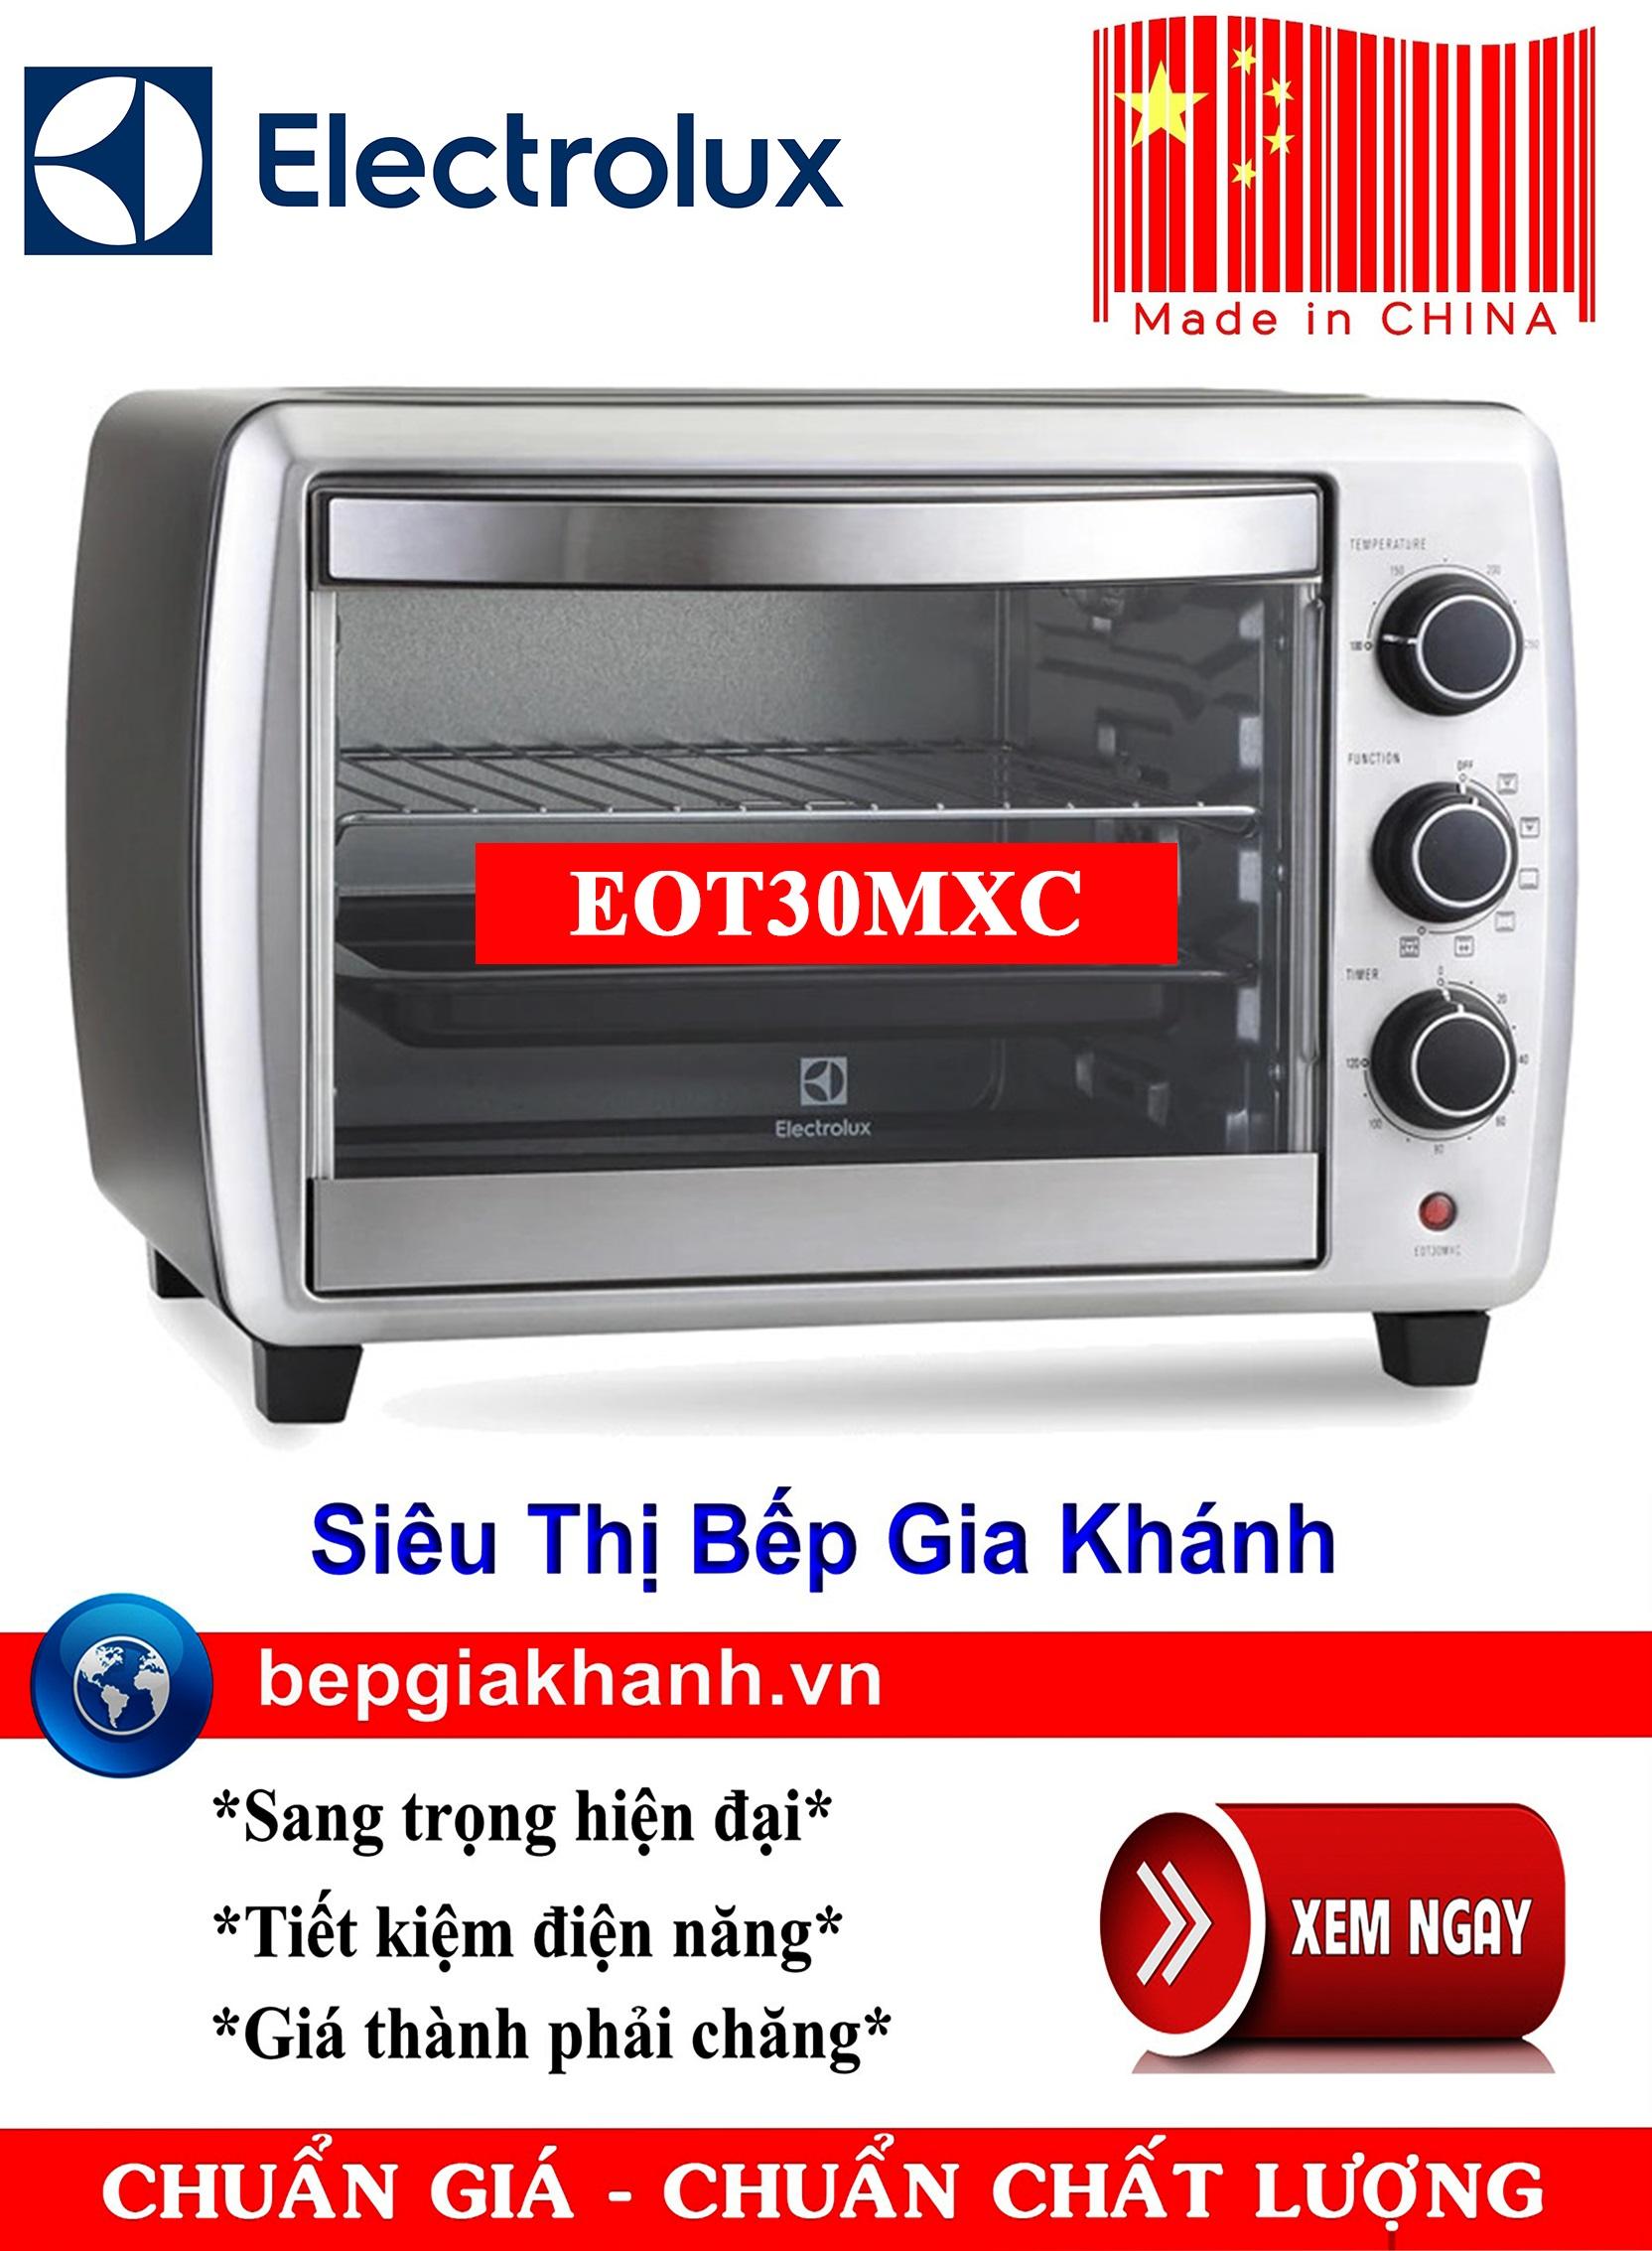 Lò nướng để bàn Electrolux EOT30MXC sản xuất Trung Quốc, lò nướng, lò nướng điện, lò nướng điện đa năng, lò nướng mini, lò nướng bánh, lò nướng lock and lock, lo nuong, lo nuong dien da nang